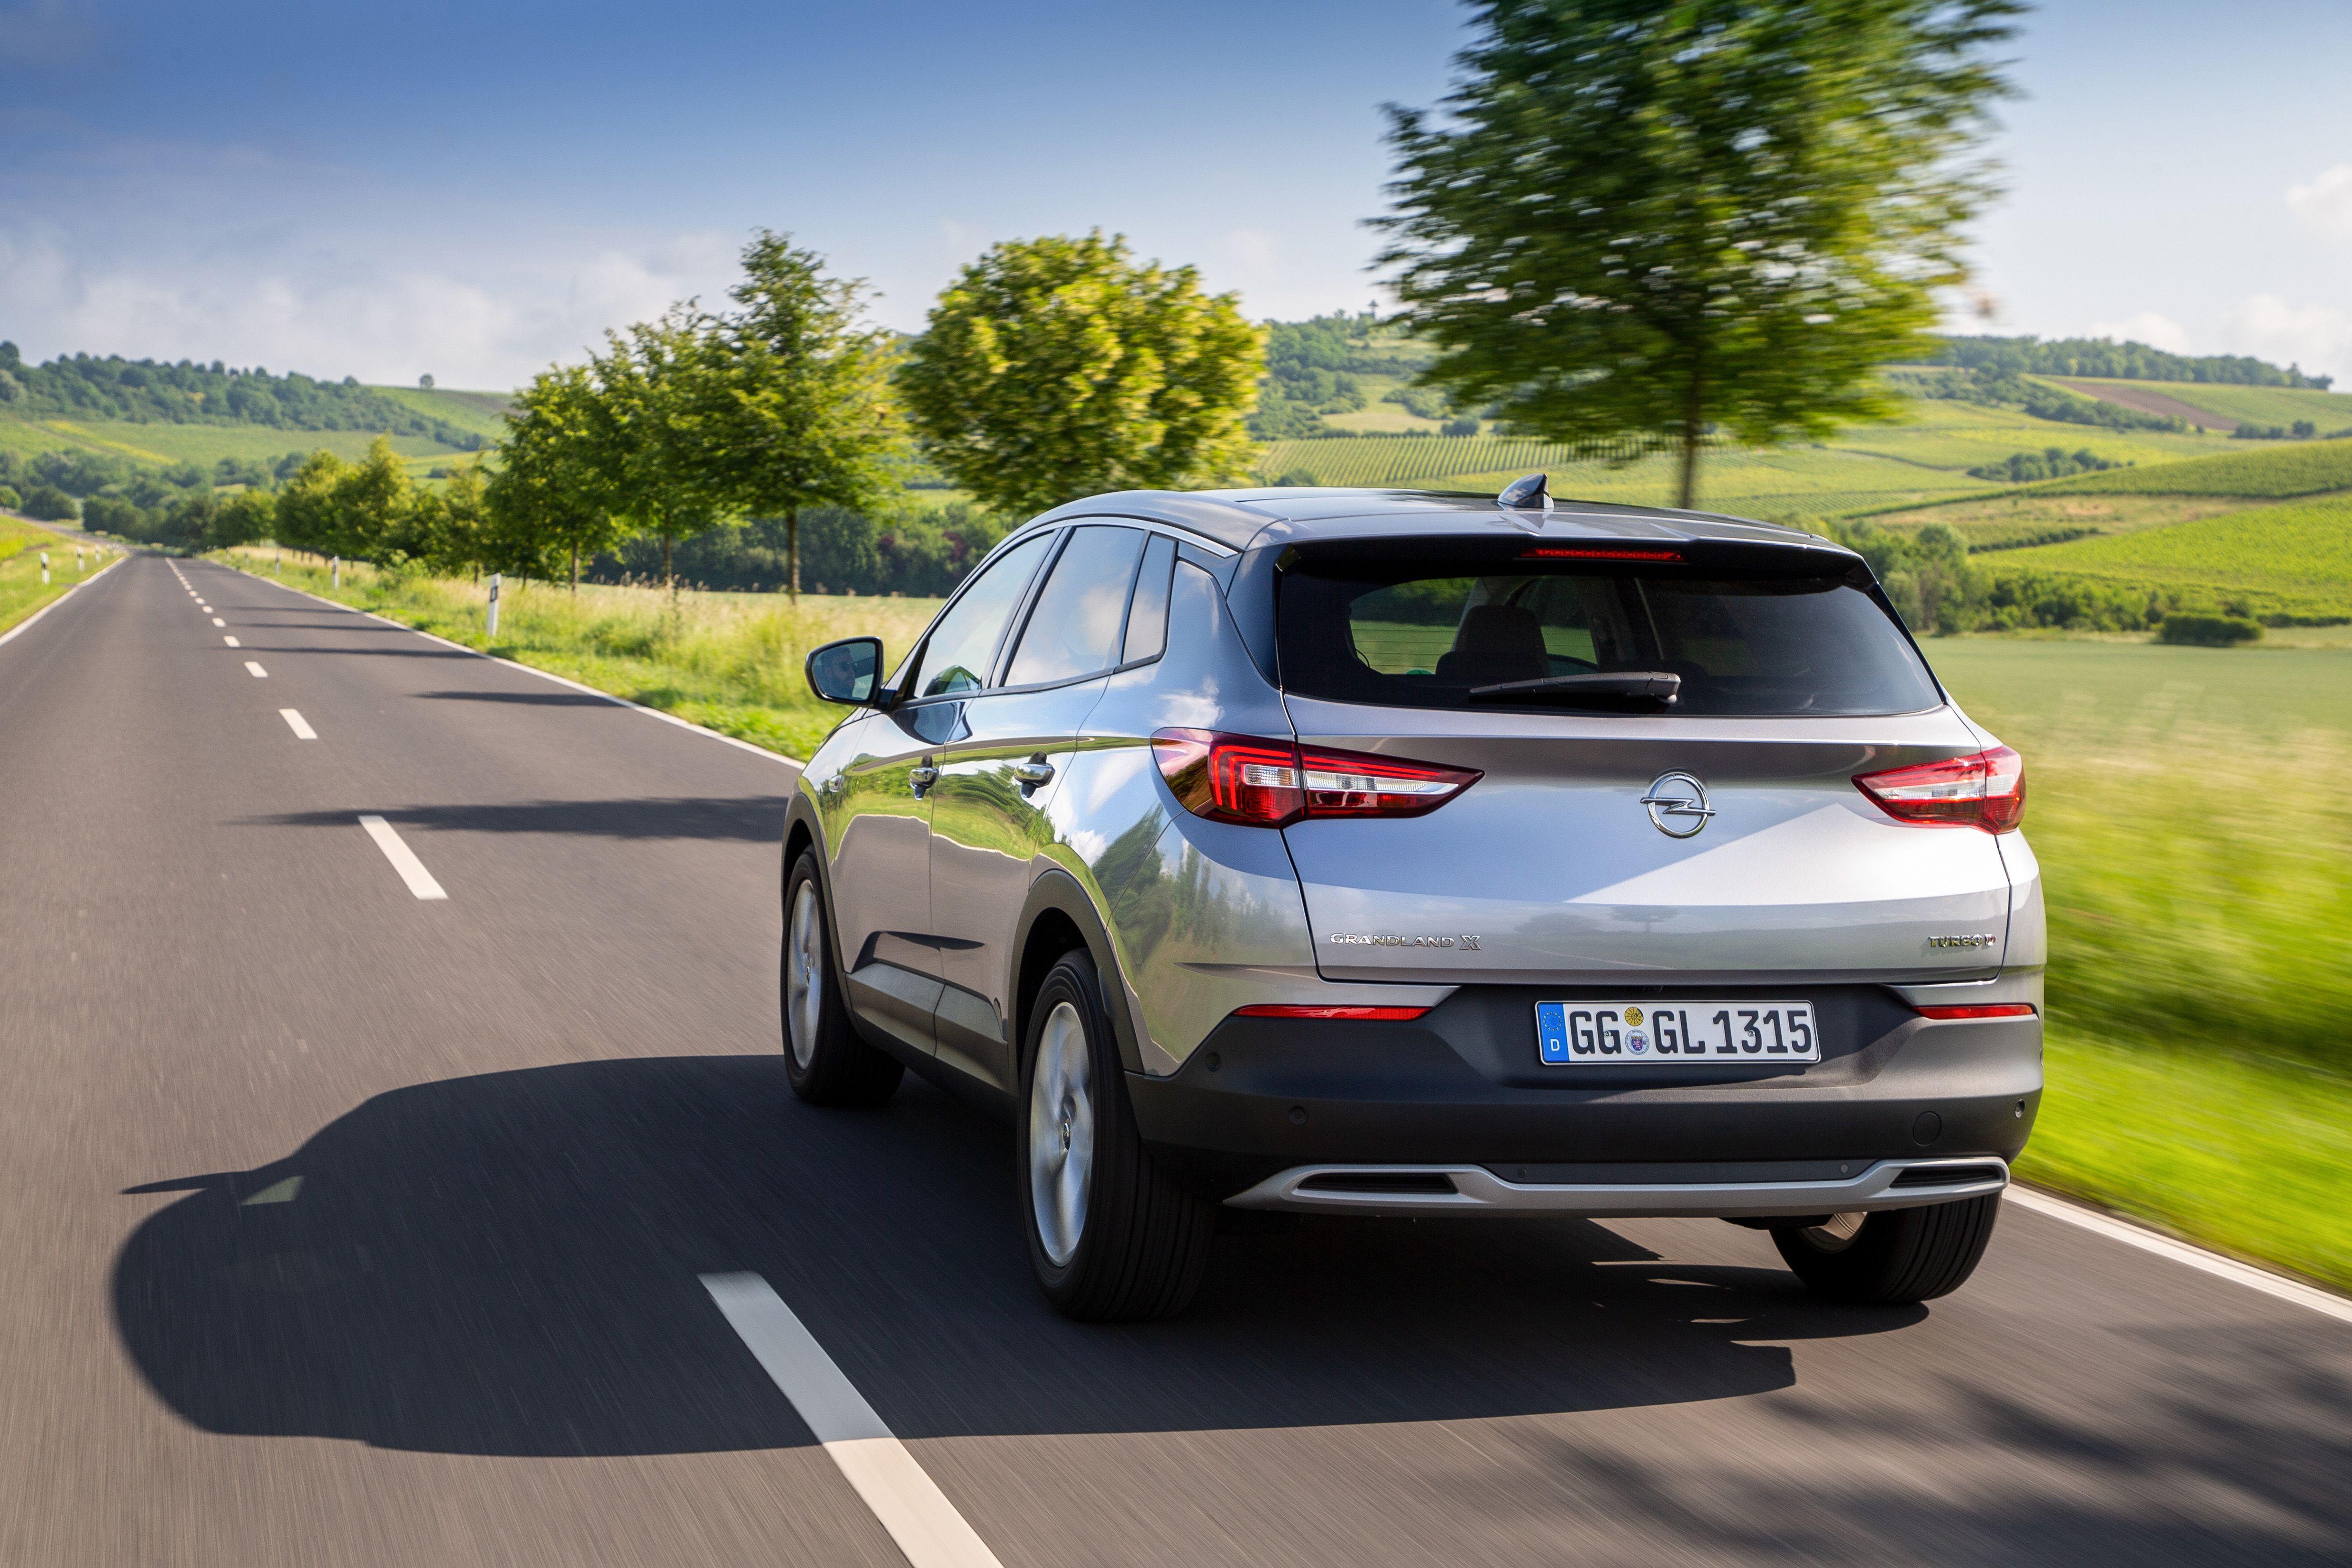 Opel Raumt Die Modelle Auf Nutzfahrzeuge Luxusautos Neuwagen